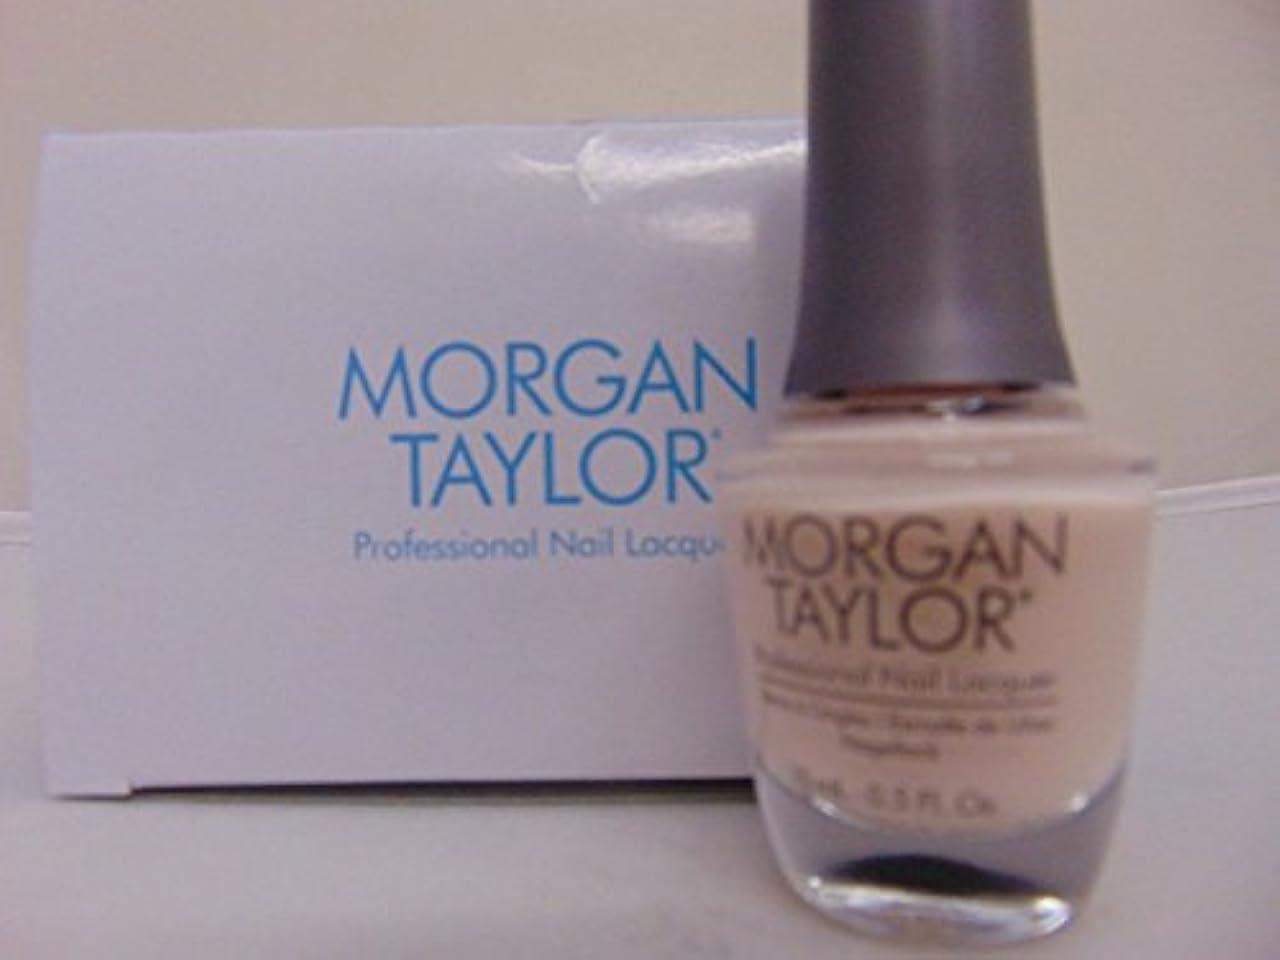 信頼革命的階層Morgan Taylor - Professional Nail Lacquer - Simply Irresistible - 15 mL / 0.5oz